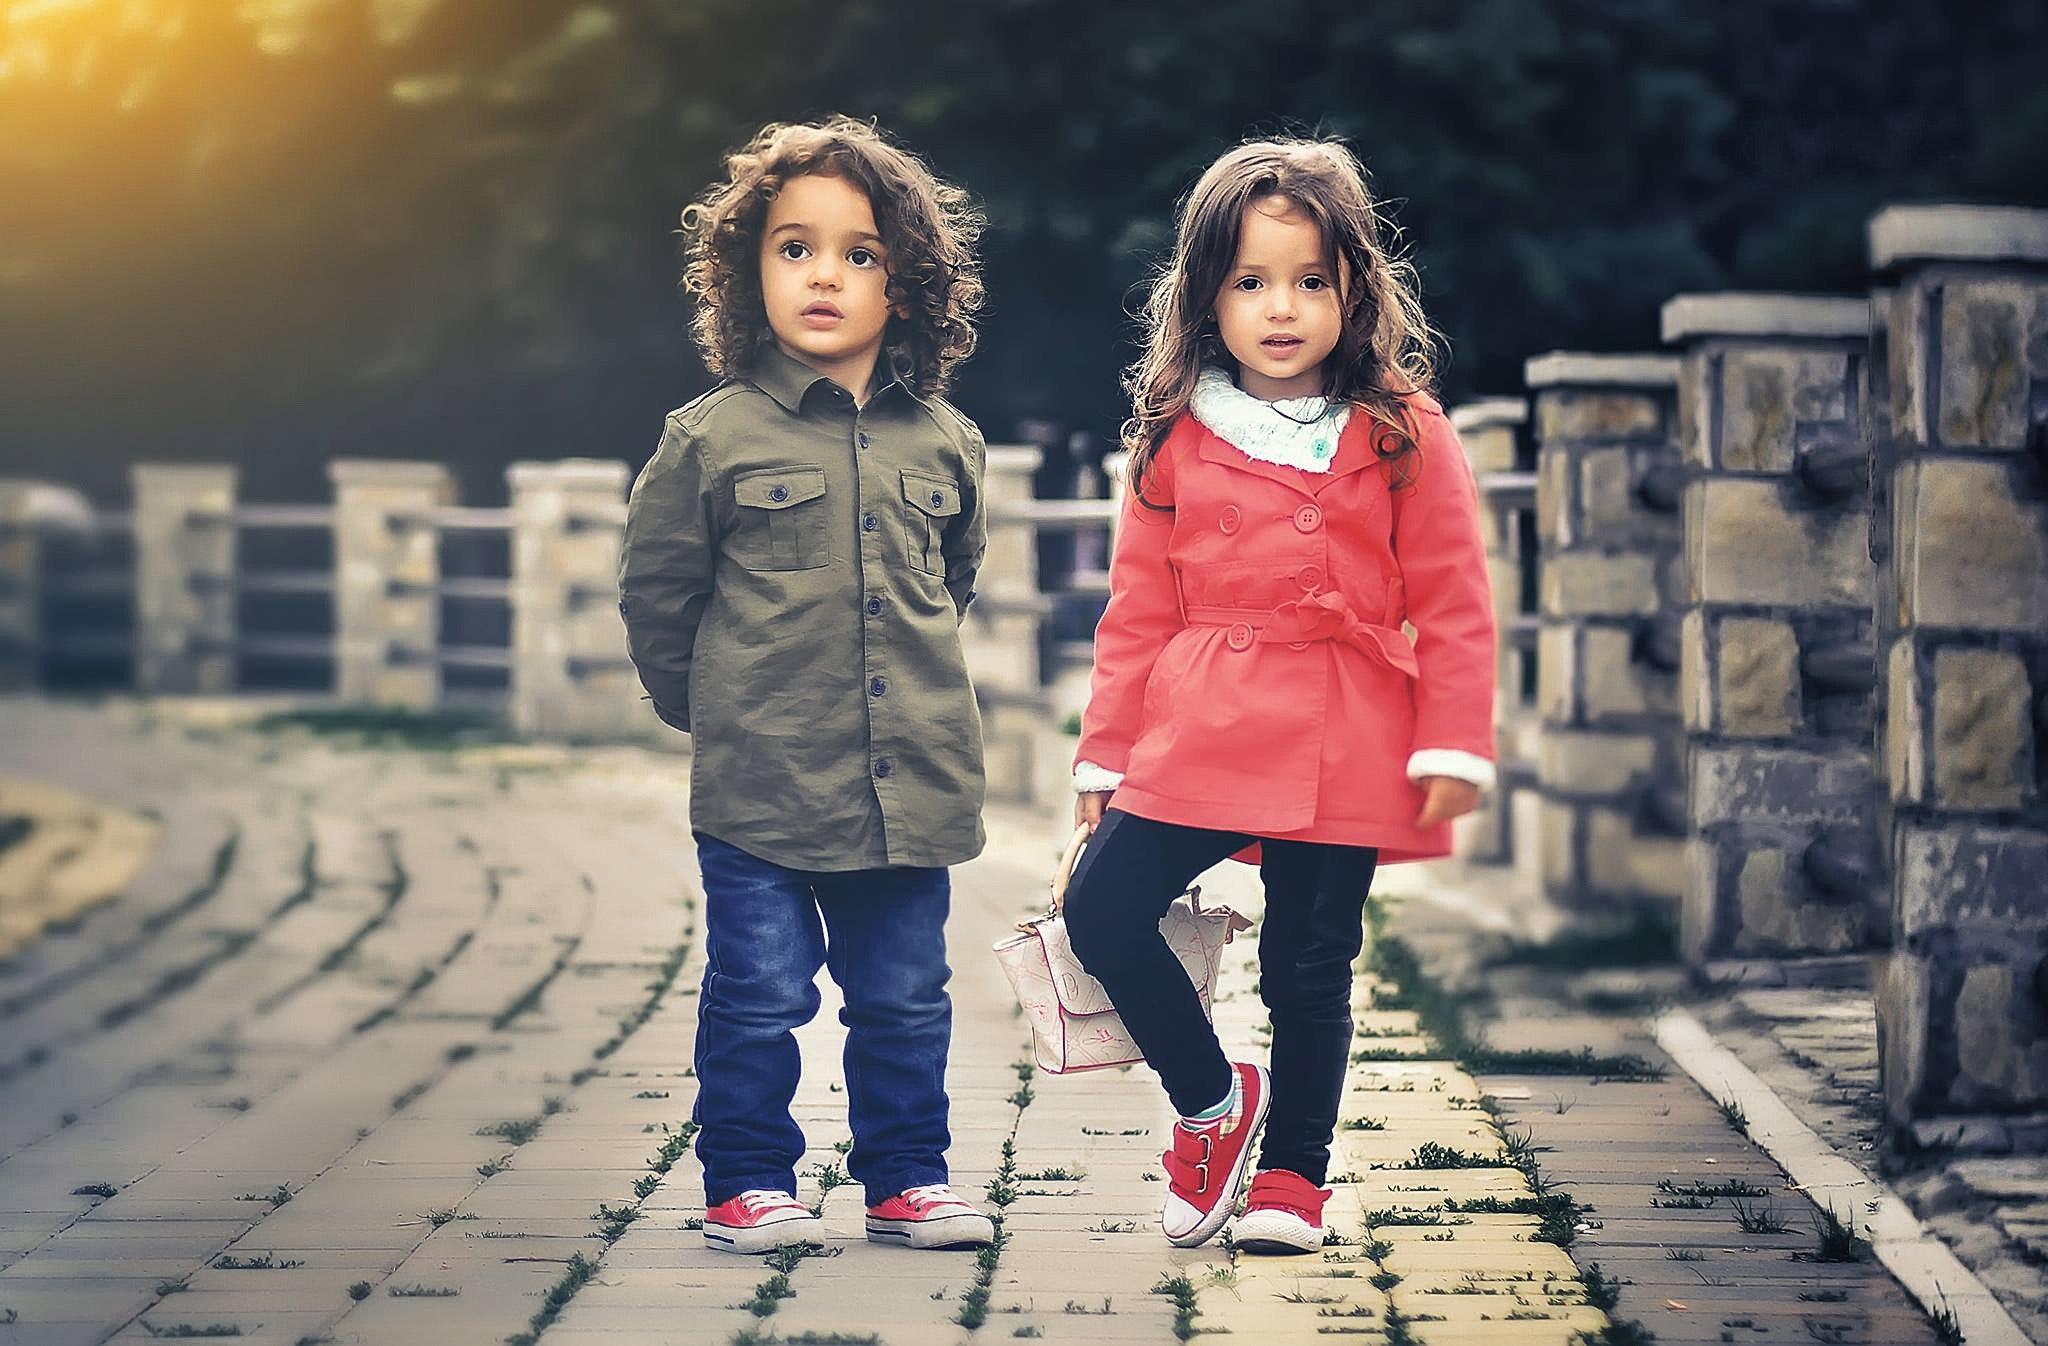 نموذج إعلان عن محل ملابس أطفال